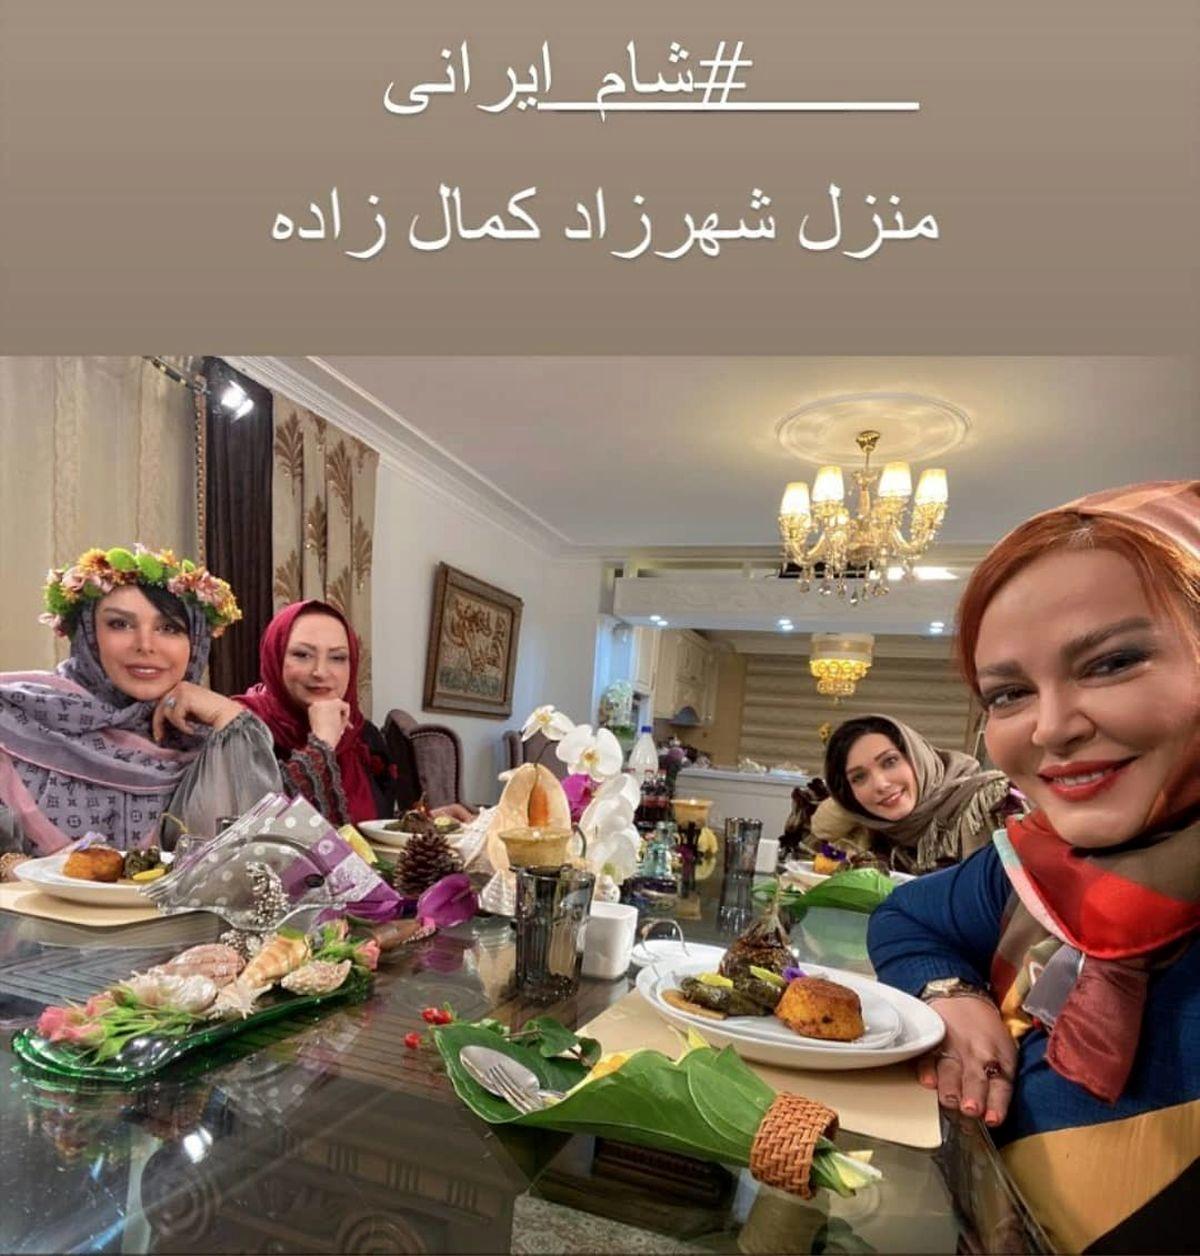 توهین وقیحانه مریم امیرجلالی به فلور نظری در شام ایرانی + فیلم